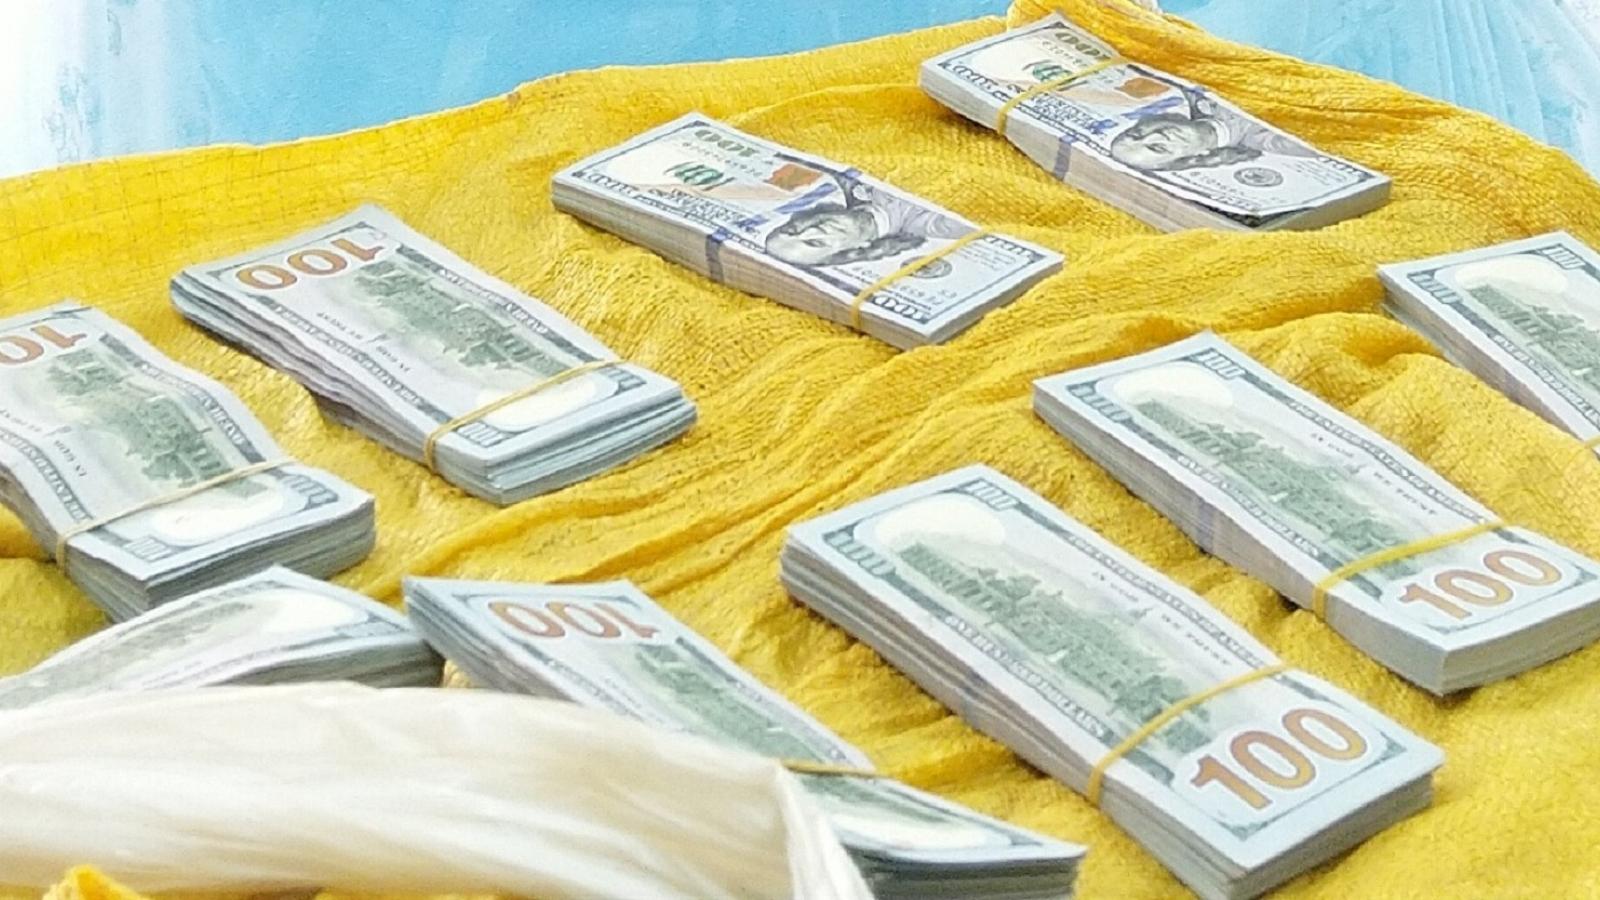 Phát hiện, bắt giữ đối tượng vận chuyển trái phép hơn 86.000 USD qua biên giới